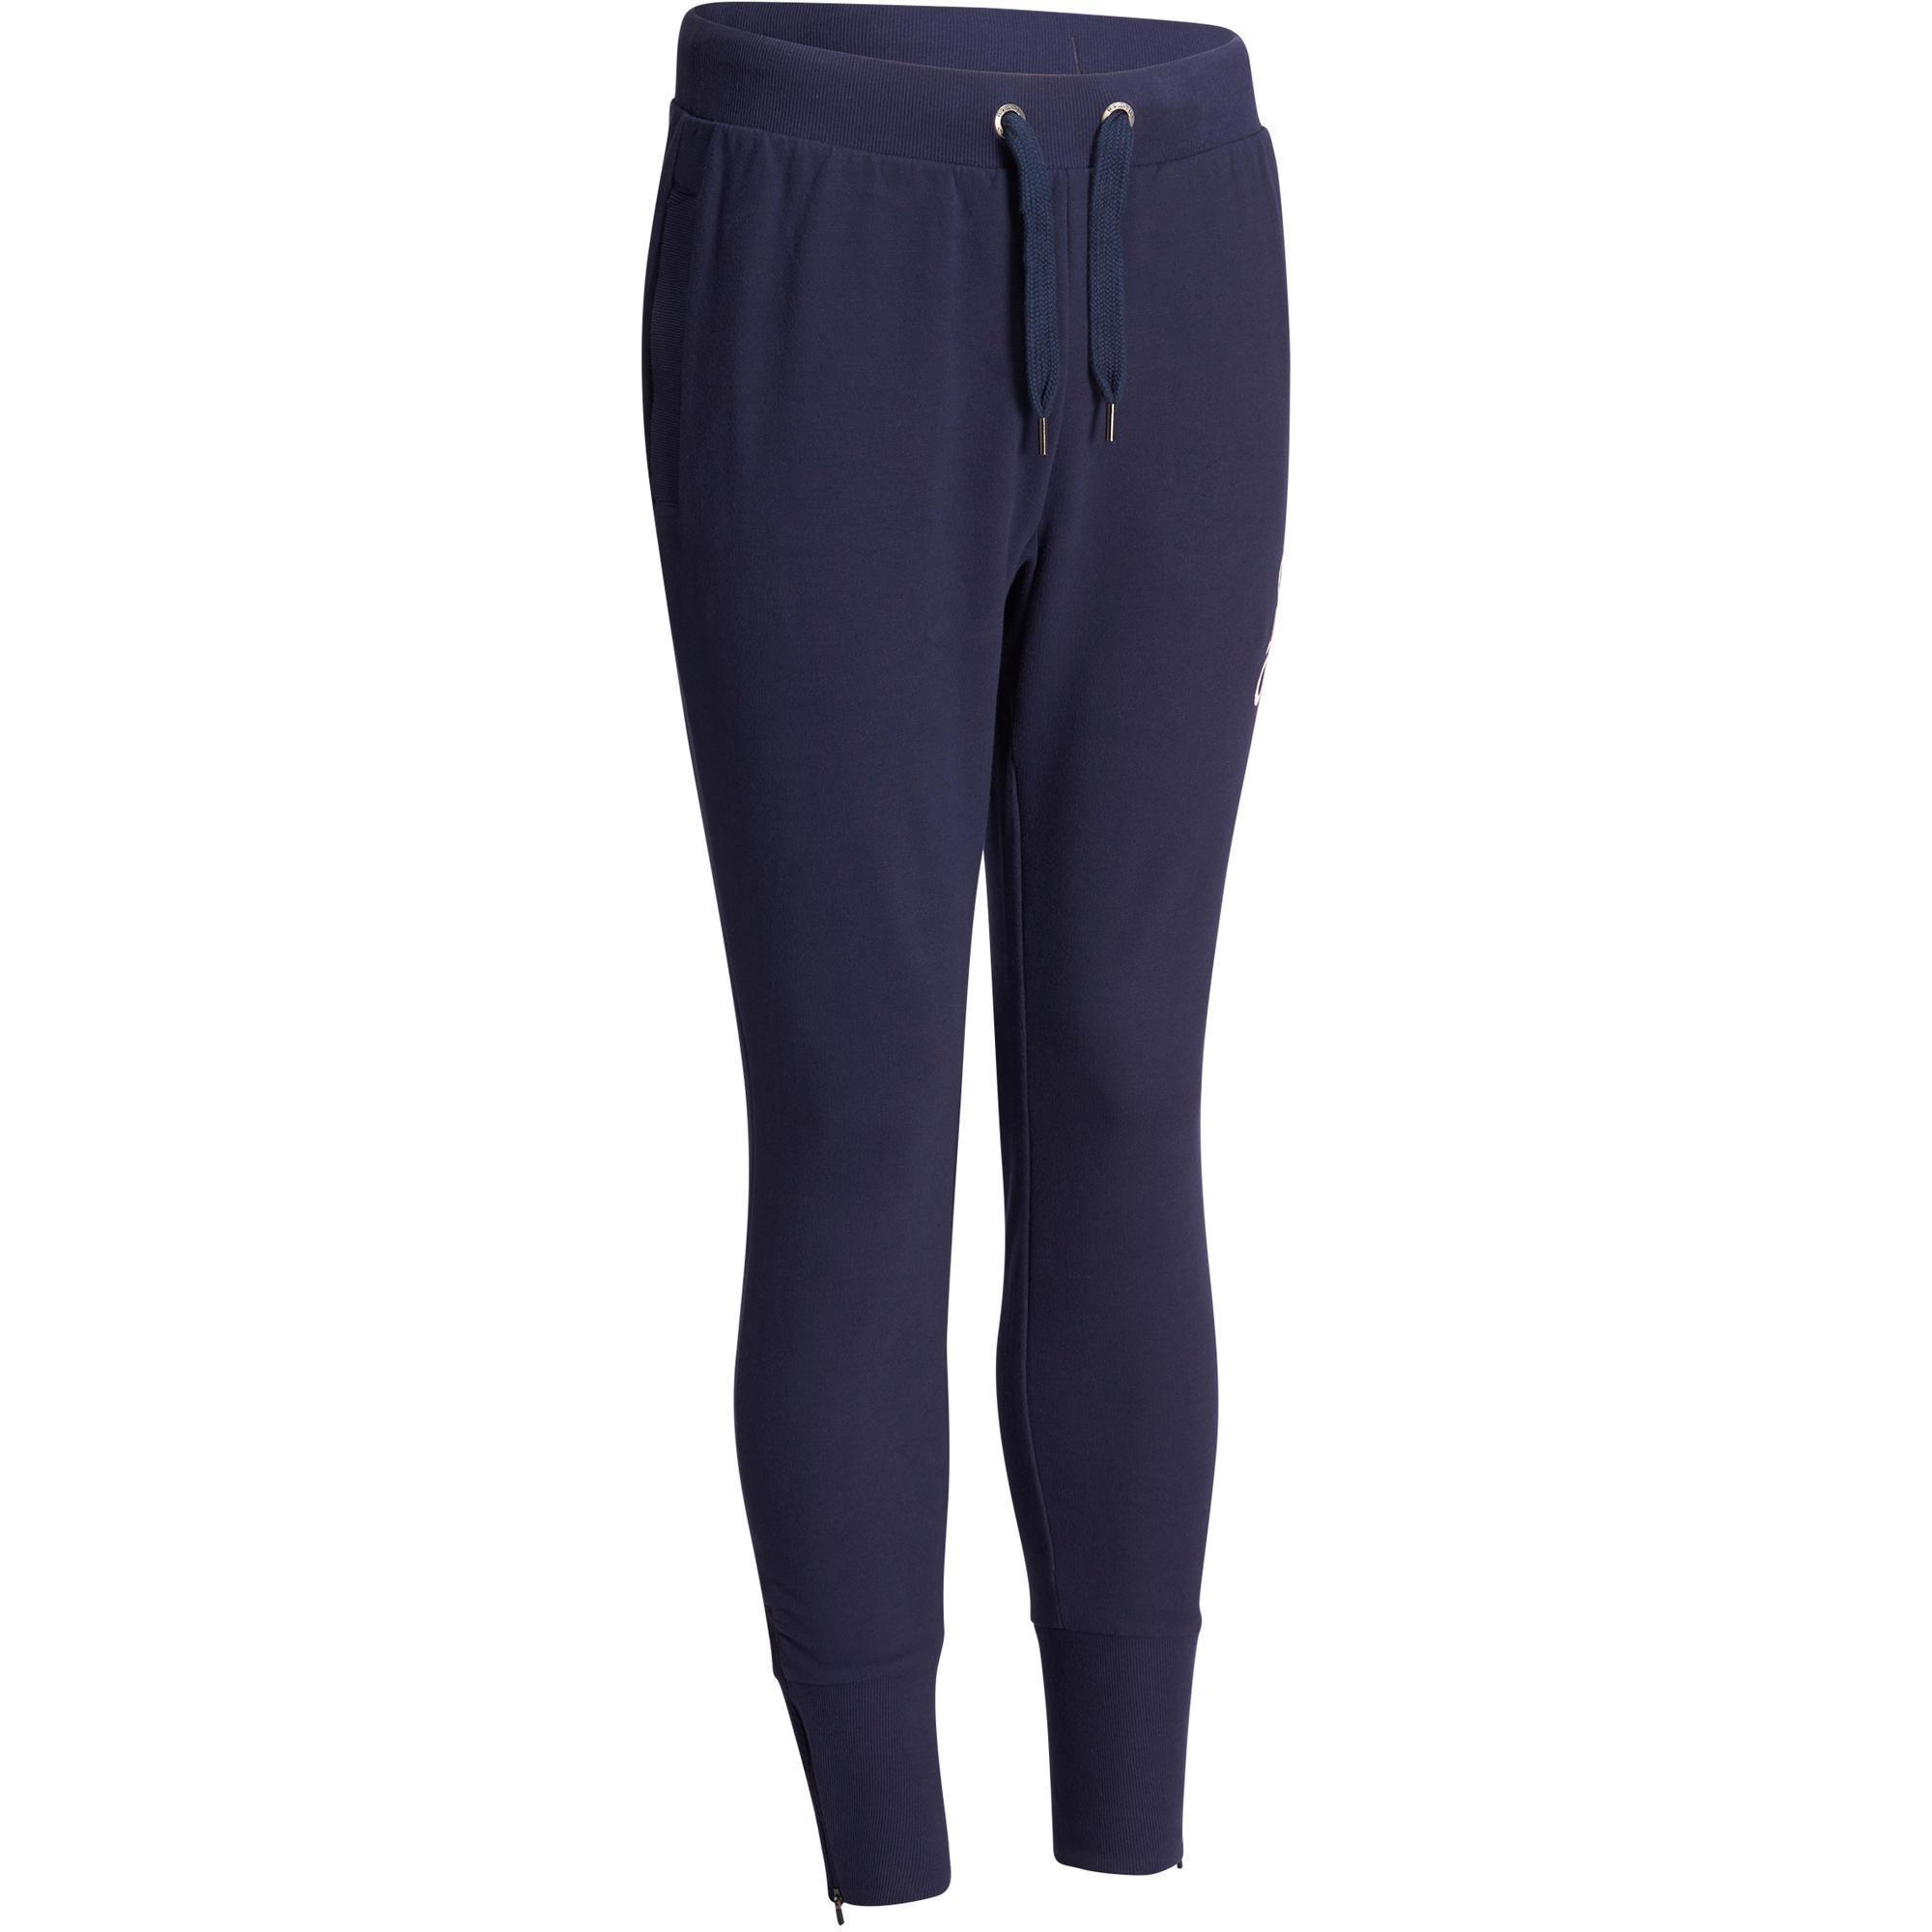 d4702cb30acf4 pantalon chandal algodon hombre decathlon